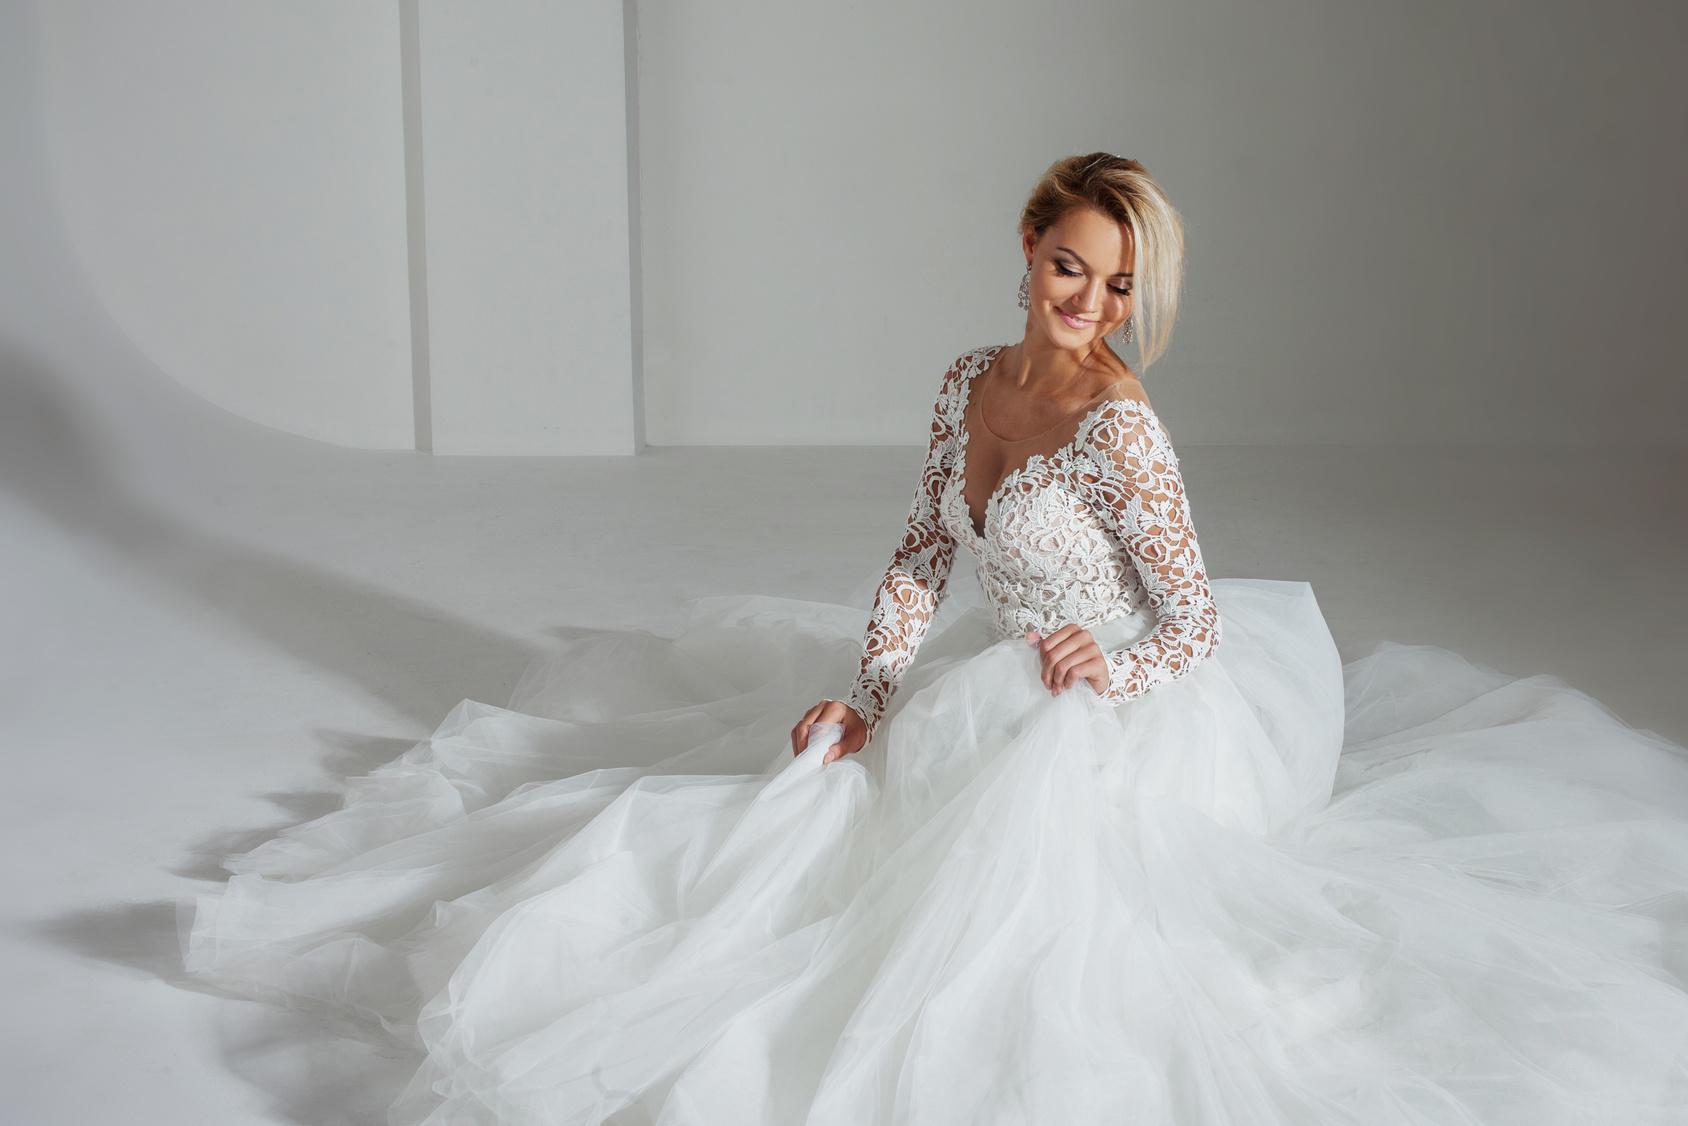 e567069843 Jak wybrać wyjątkową suknię ślubną właściwą dla Ciebie ...